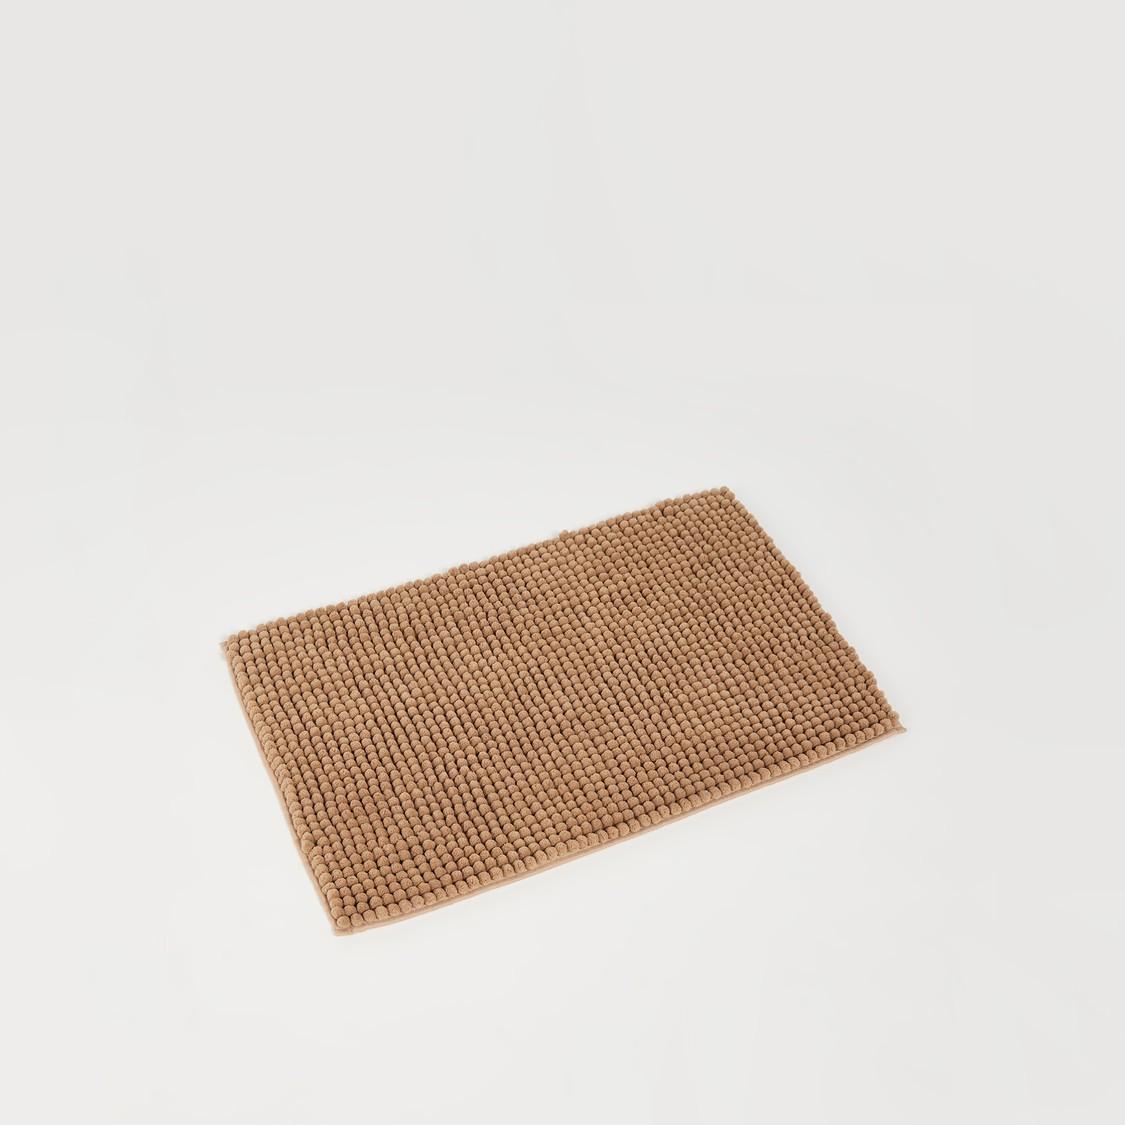 سجّادة حمّام  مستطيلة الشكل وبارزة الملمس - 70x45 × 80 سم